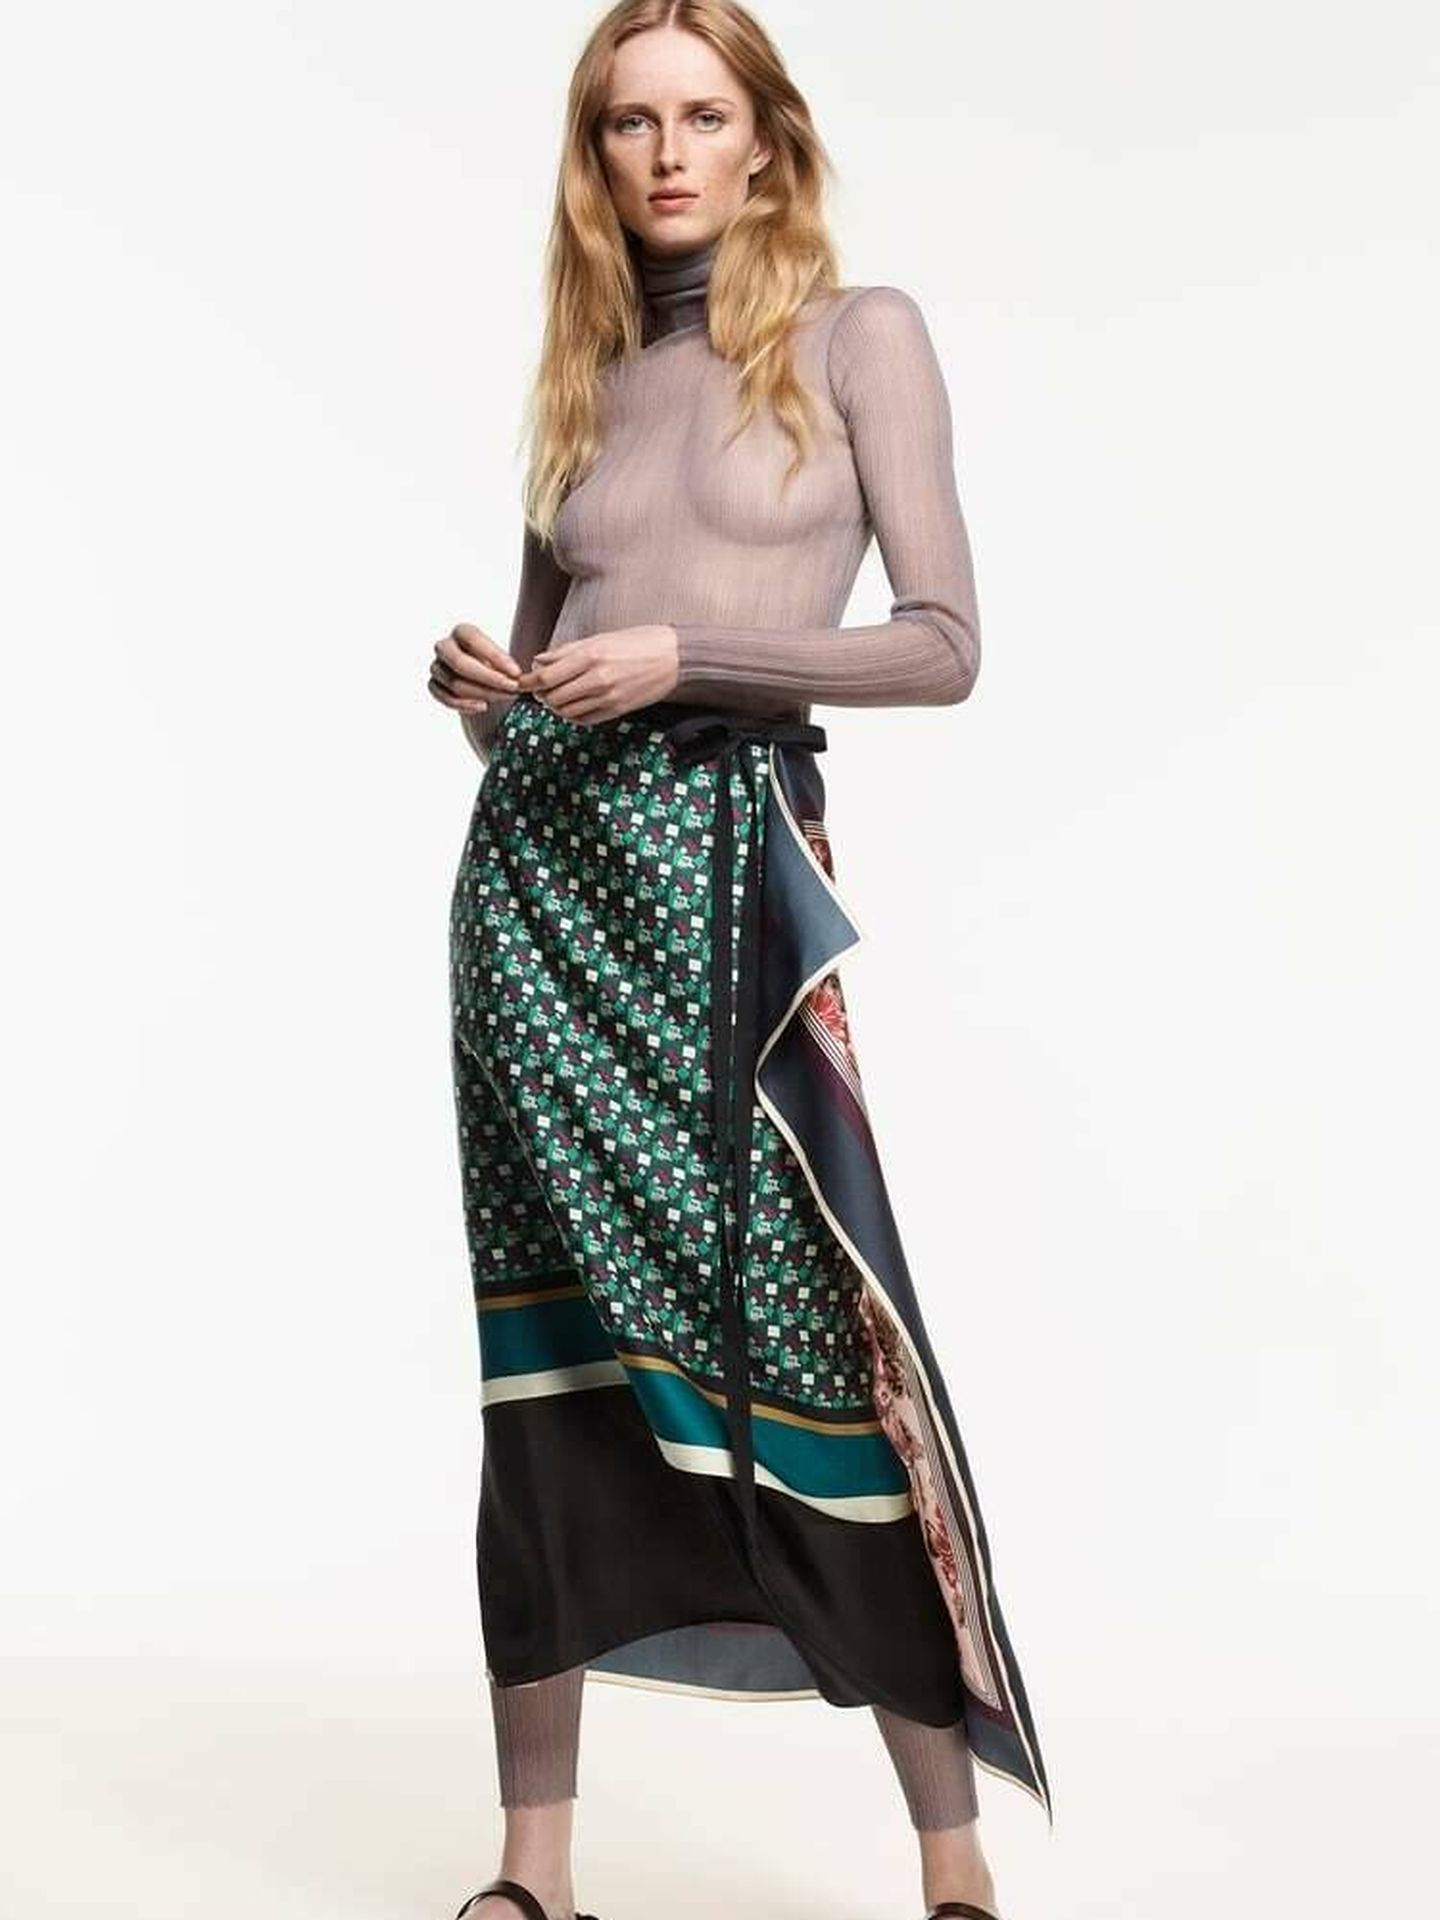 La nueva falda de Zara de la colección Scarf Collection Limited Edition. (Cortesía)